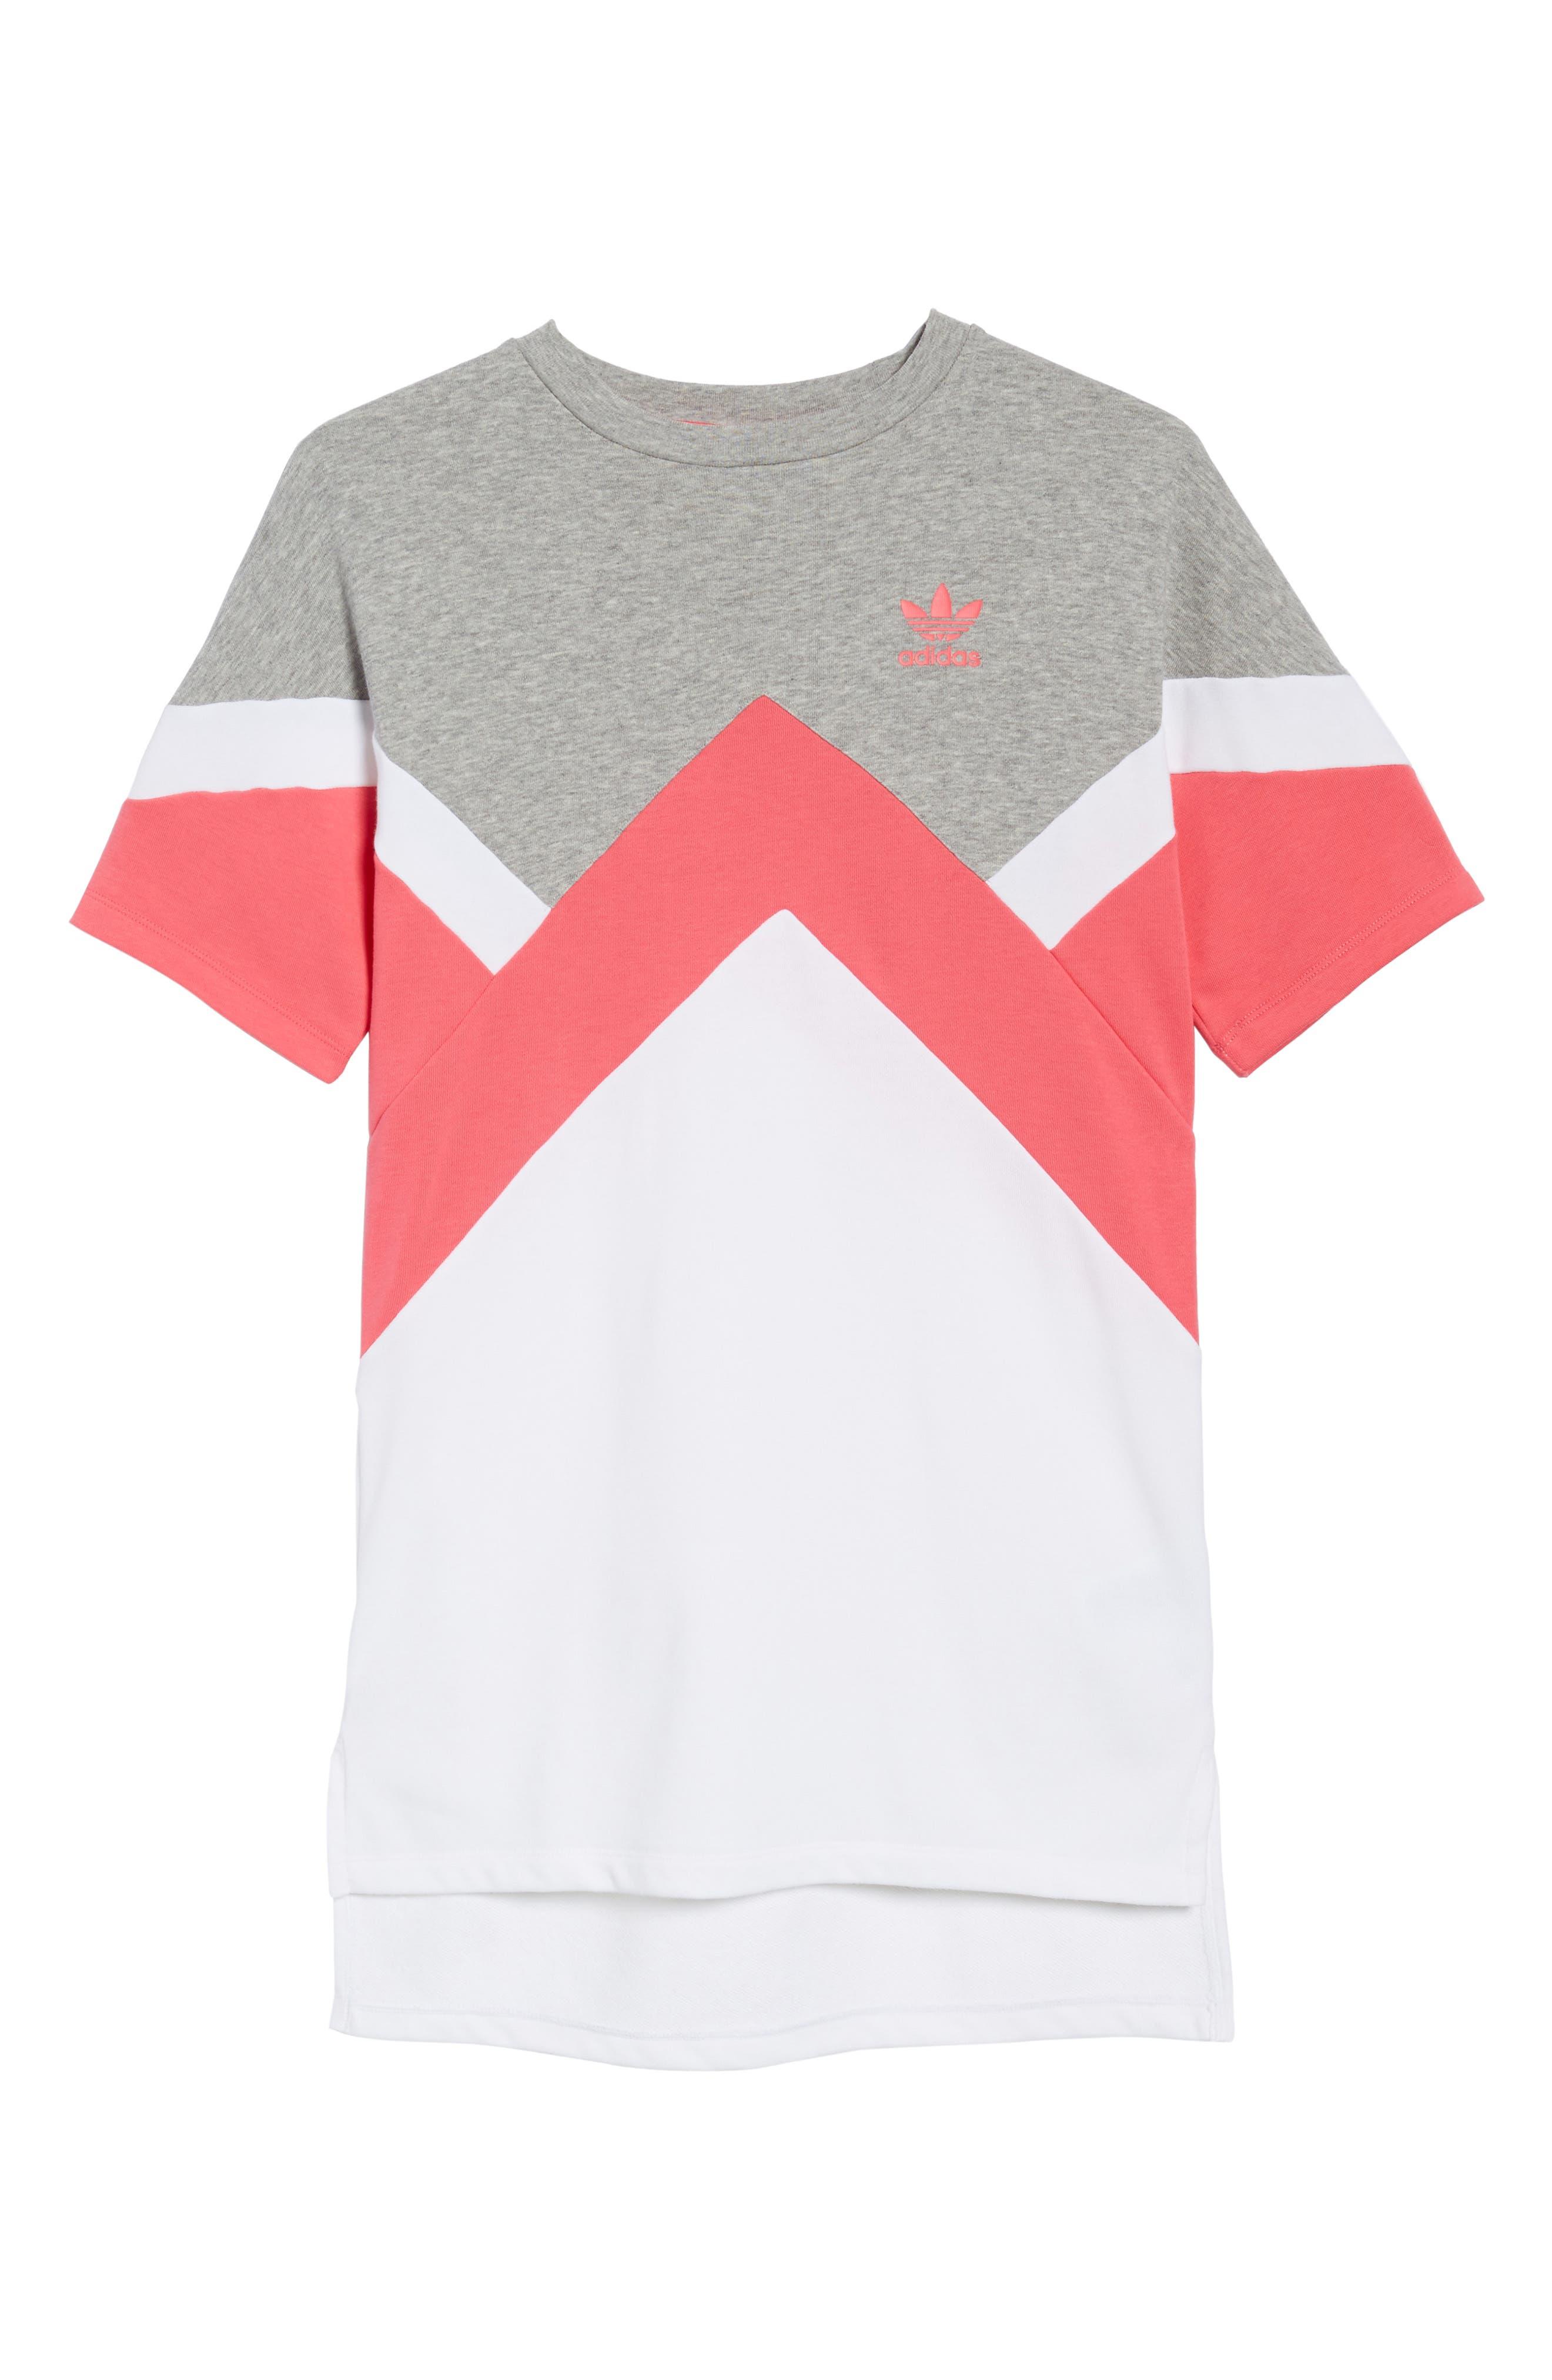 T-Shirt Dress,                             Main thumbnail 1, color,                             Grey / Pink/ White